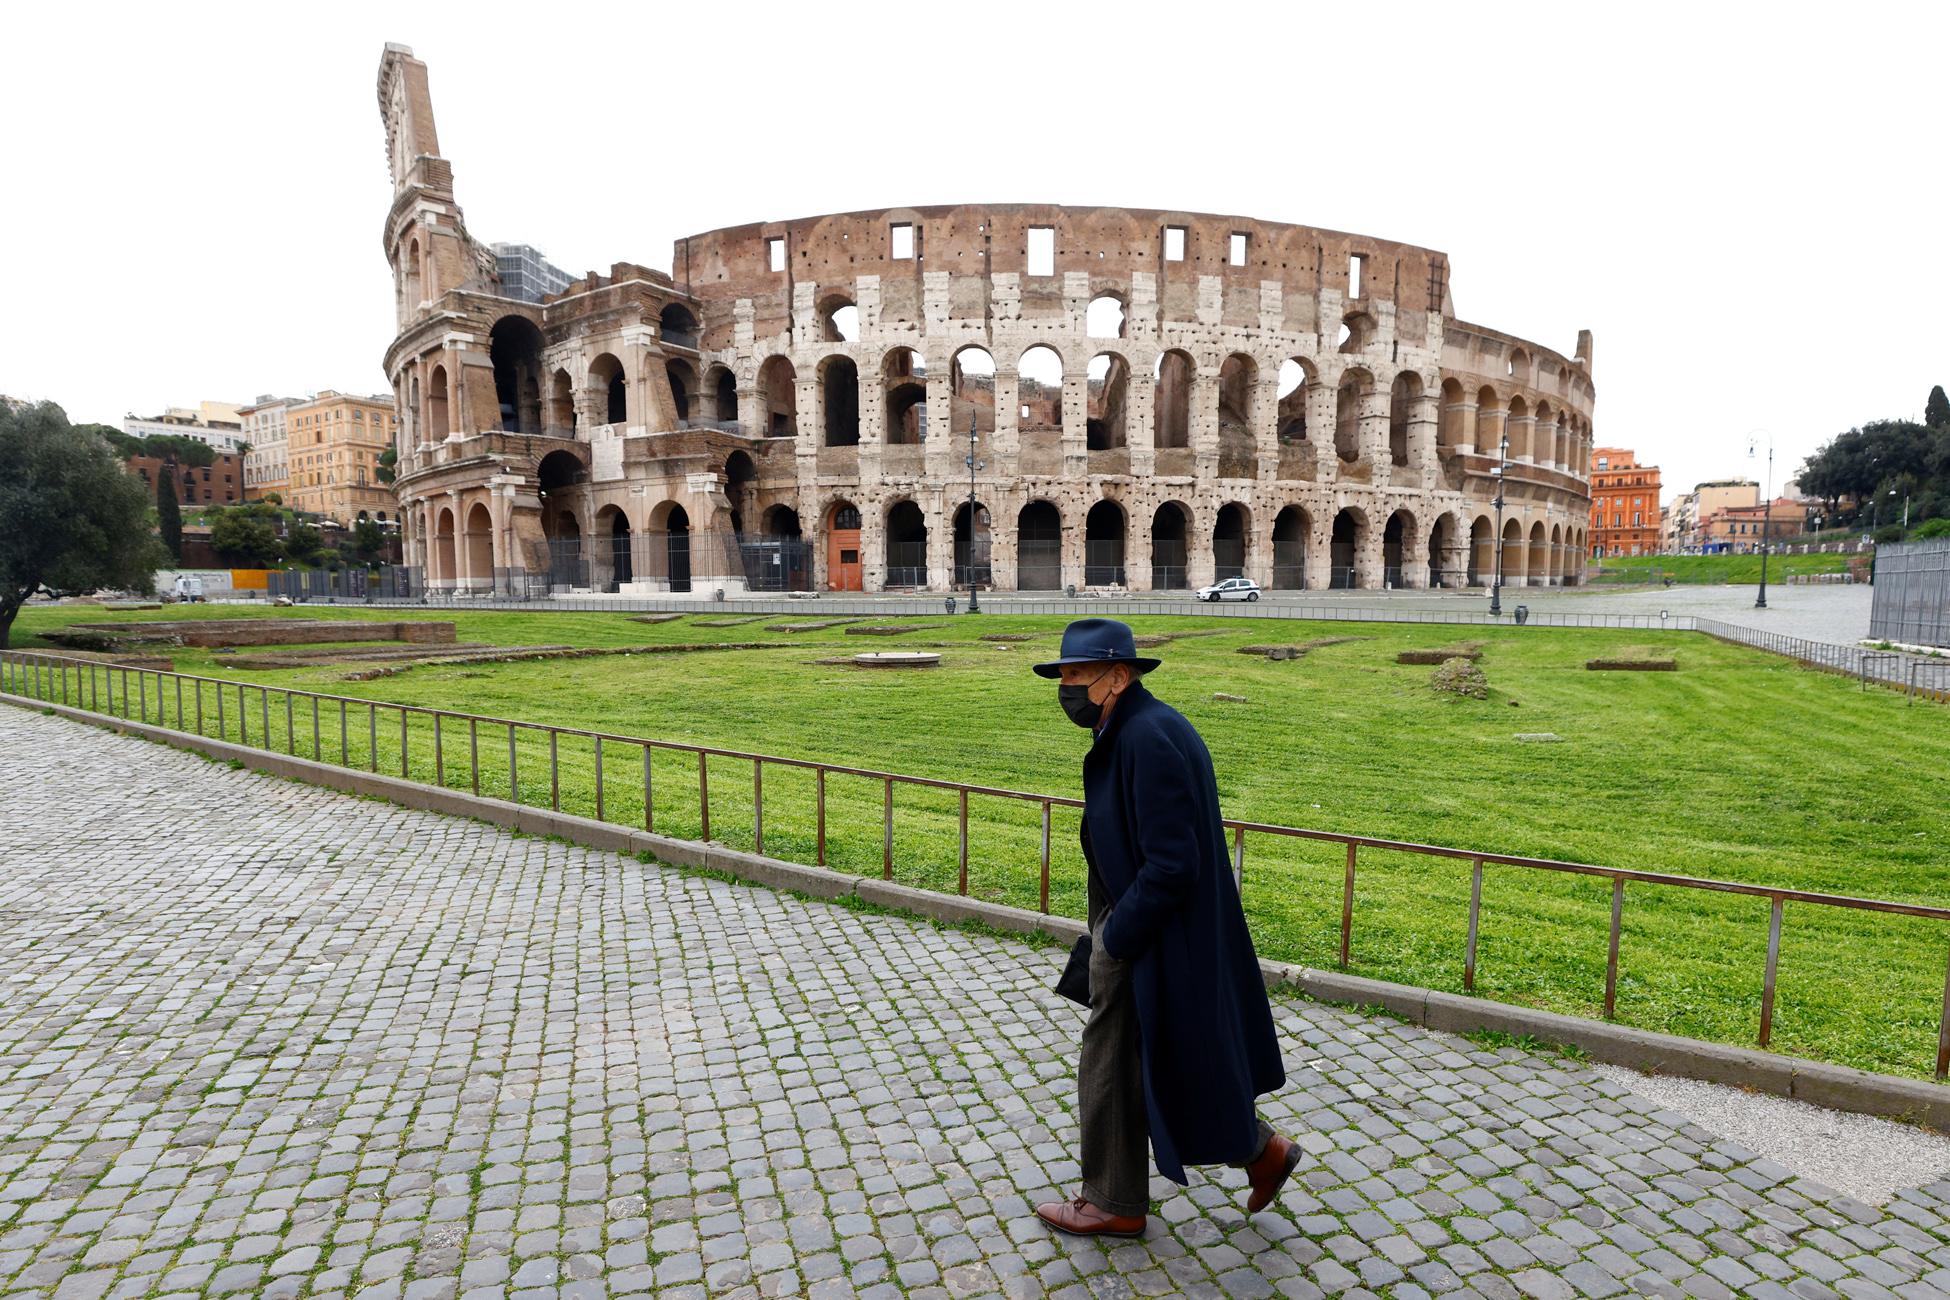 Ιταλία: Η κυβέρνηση Ντράγκι αποφάσισε την χαλάρωση των μέτρων κατά του κορονοϊού